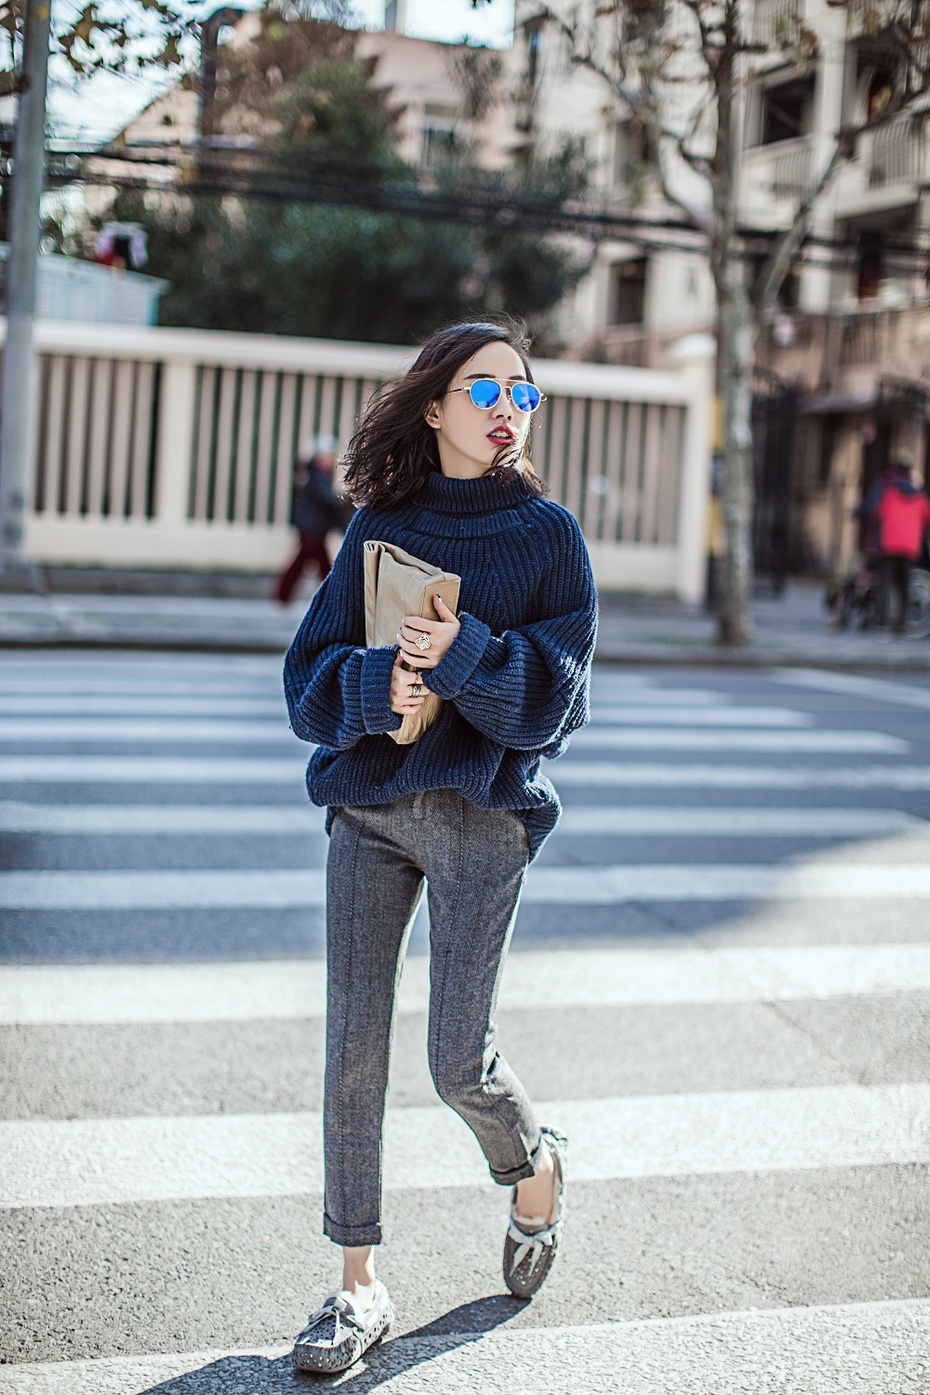 【妮儿の私服日记】小短腿变身高挑美人,怎么穿出休闲范儿 - Nikki妮儿 - Nikkis Fashion Blog